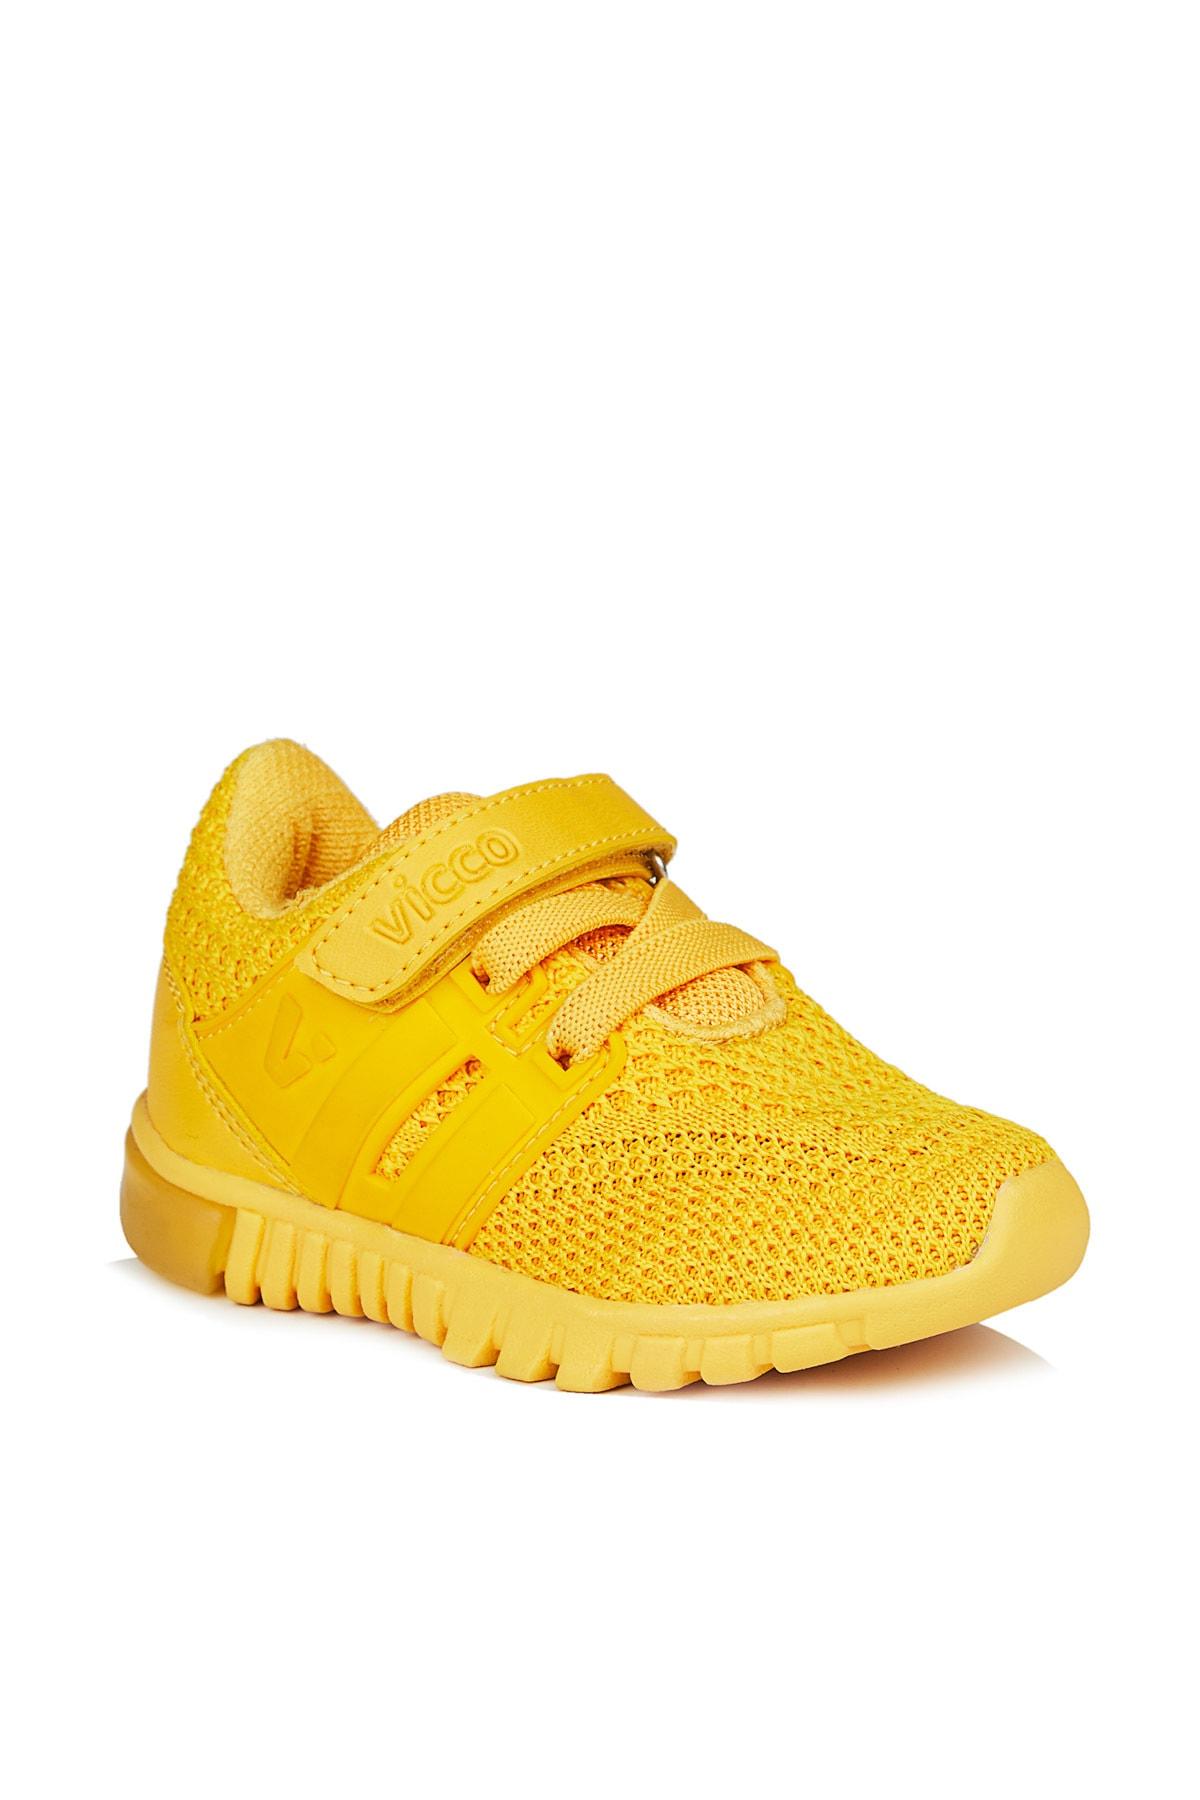 Vicco Bebe Ayakkabı Unisex Bebe Sarı Spor Ayakkabı 1